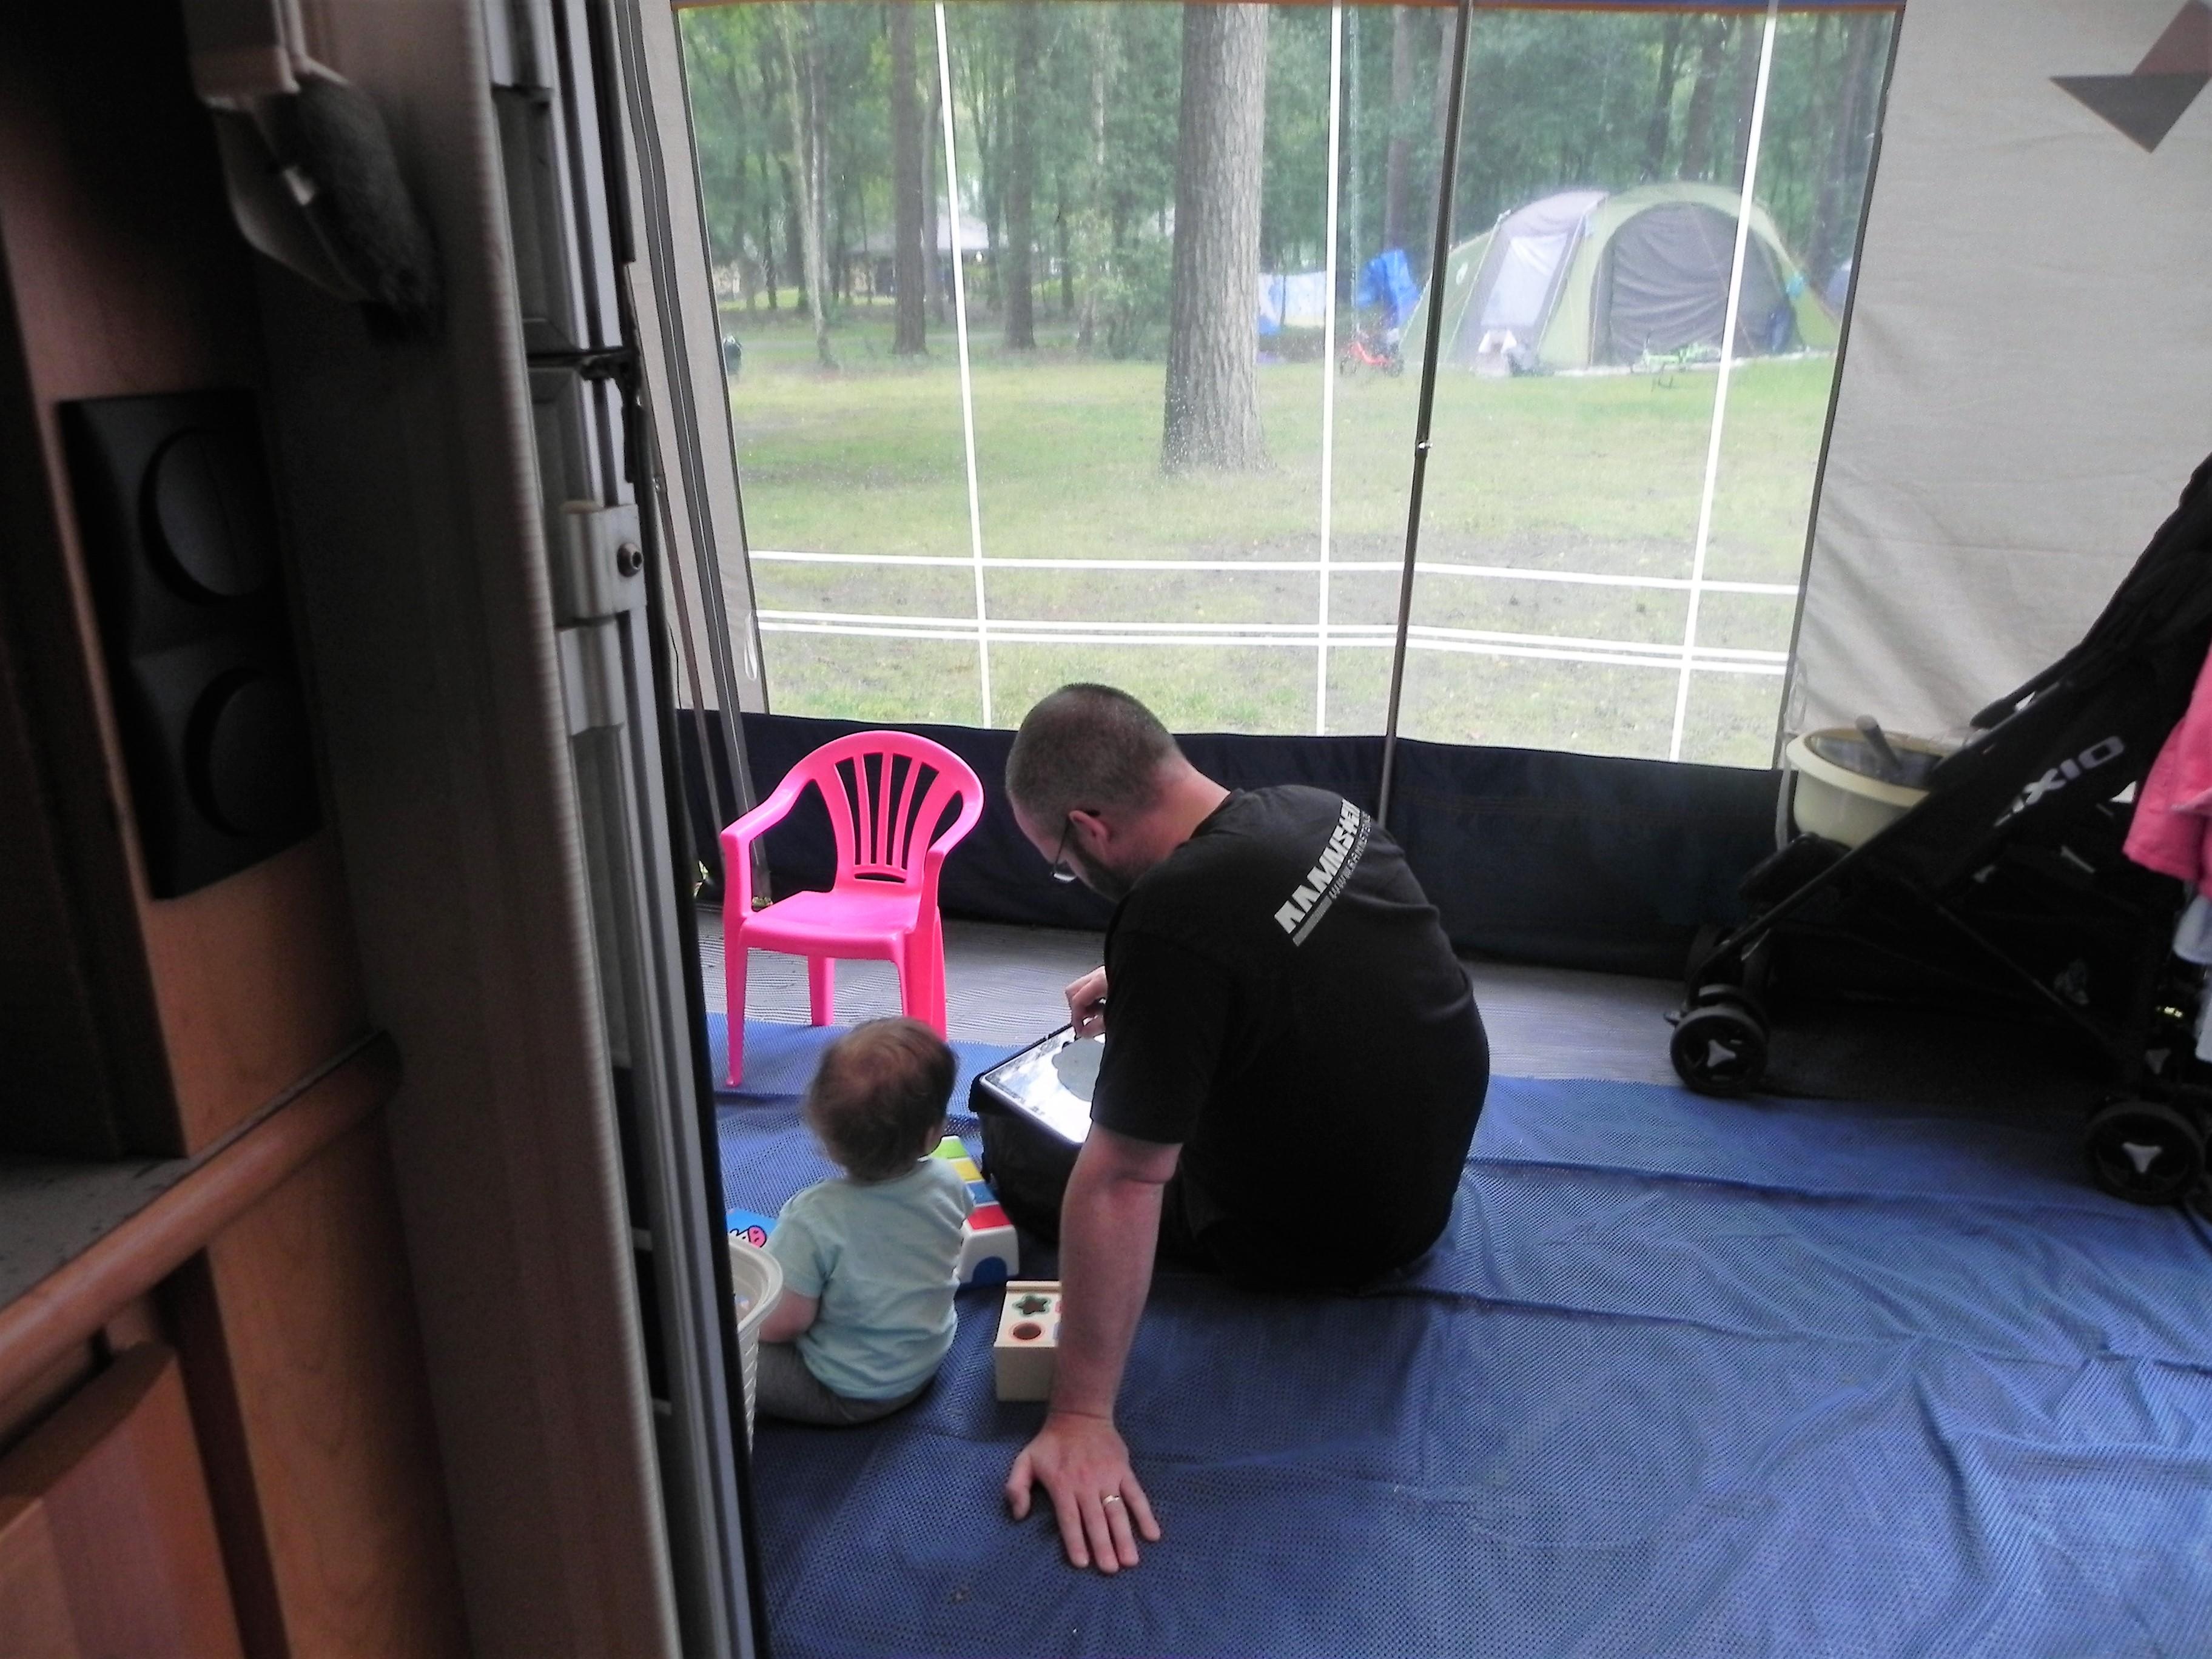 vakantie, Beekse Bergen, kamperen, vakantiepark, blog, mama-blog, lifestyle blog, mama-lifestyle blog, vakantie met kinderen, La Log.nl